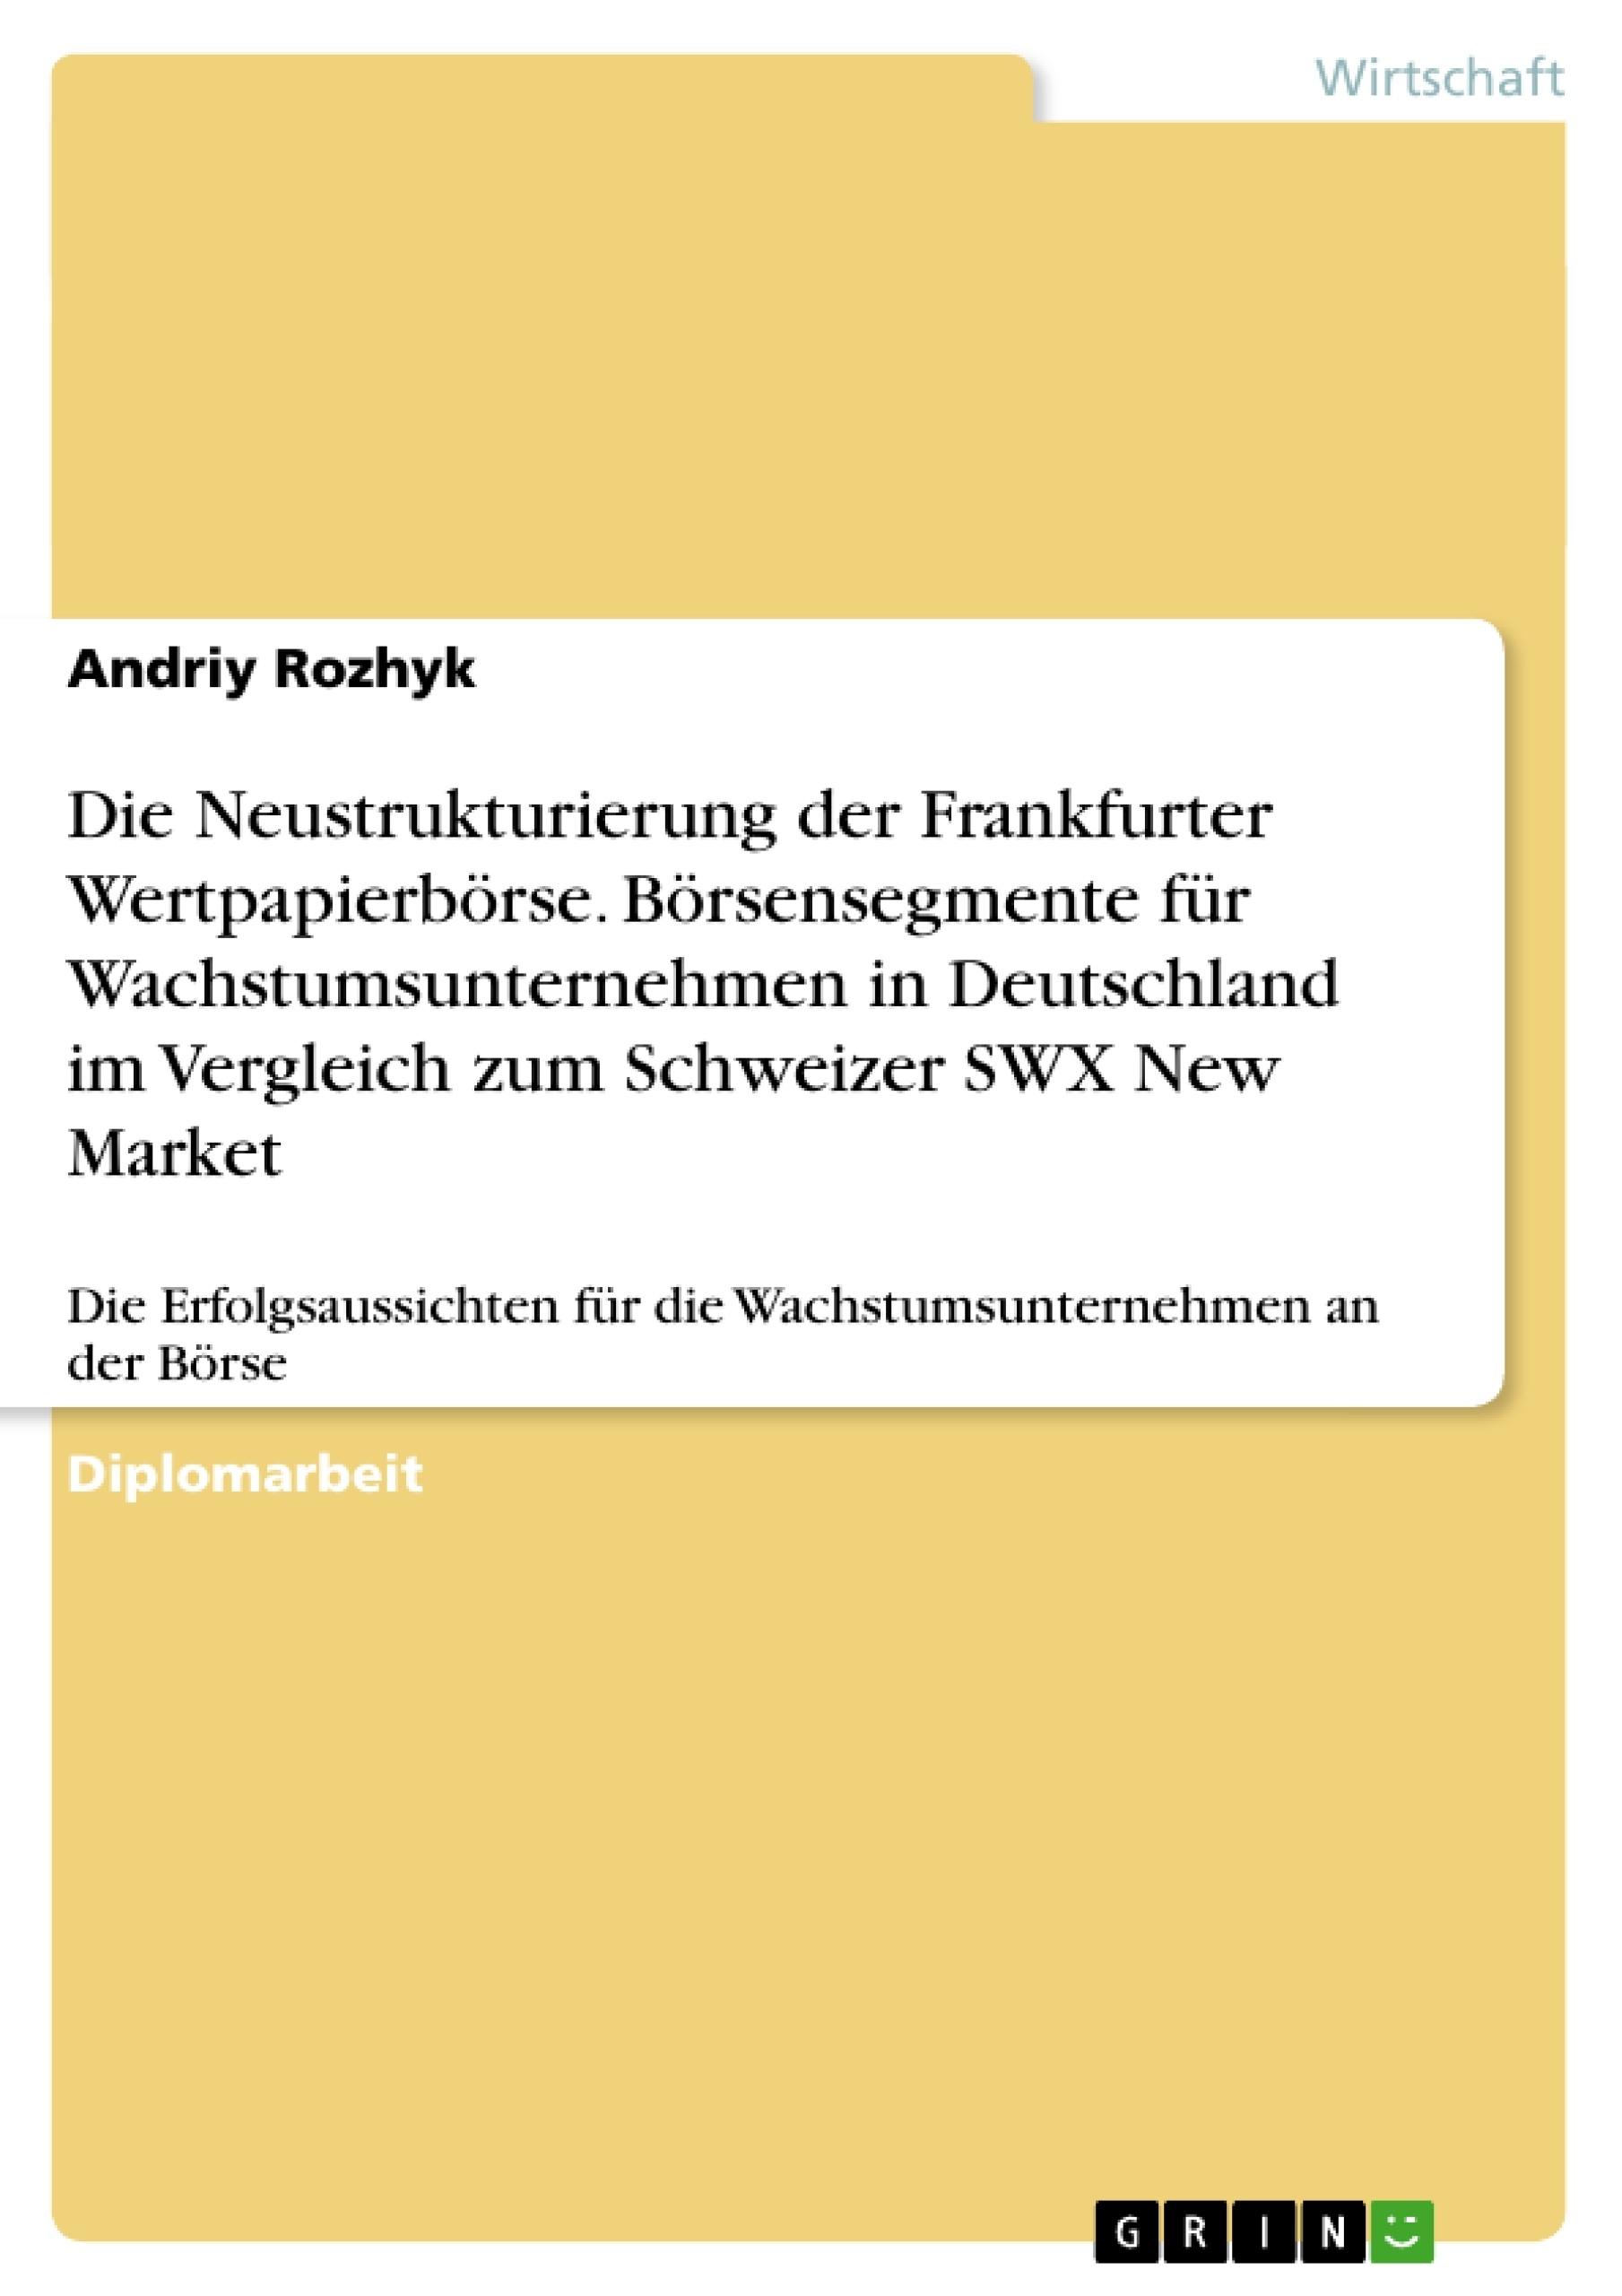 Titel: Die Neustrukturierung der Frankfurter Wertpapierbörse. Börsensegmente für Wachstumsunternehmen in Deutschland im Vergleich zum Schweizer SWX New Market